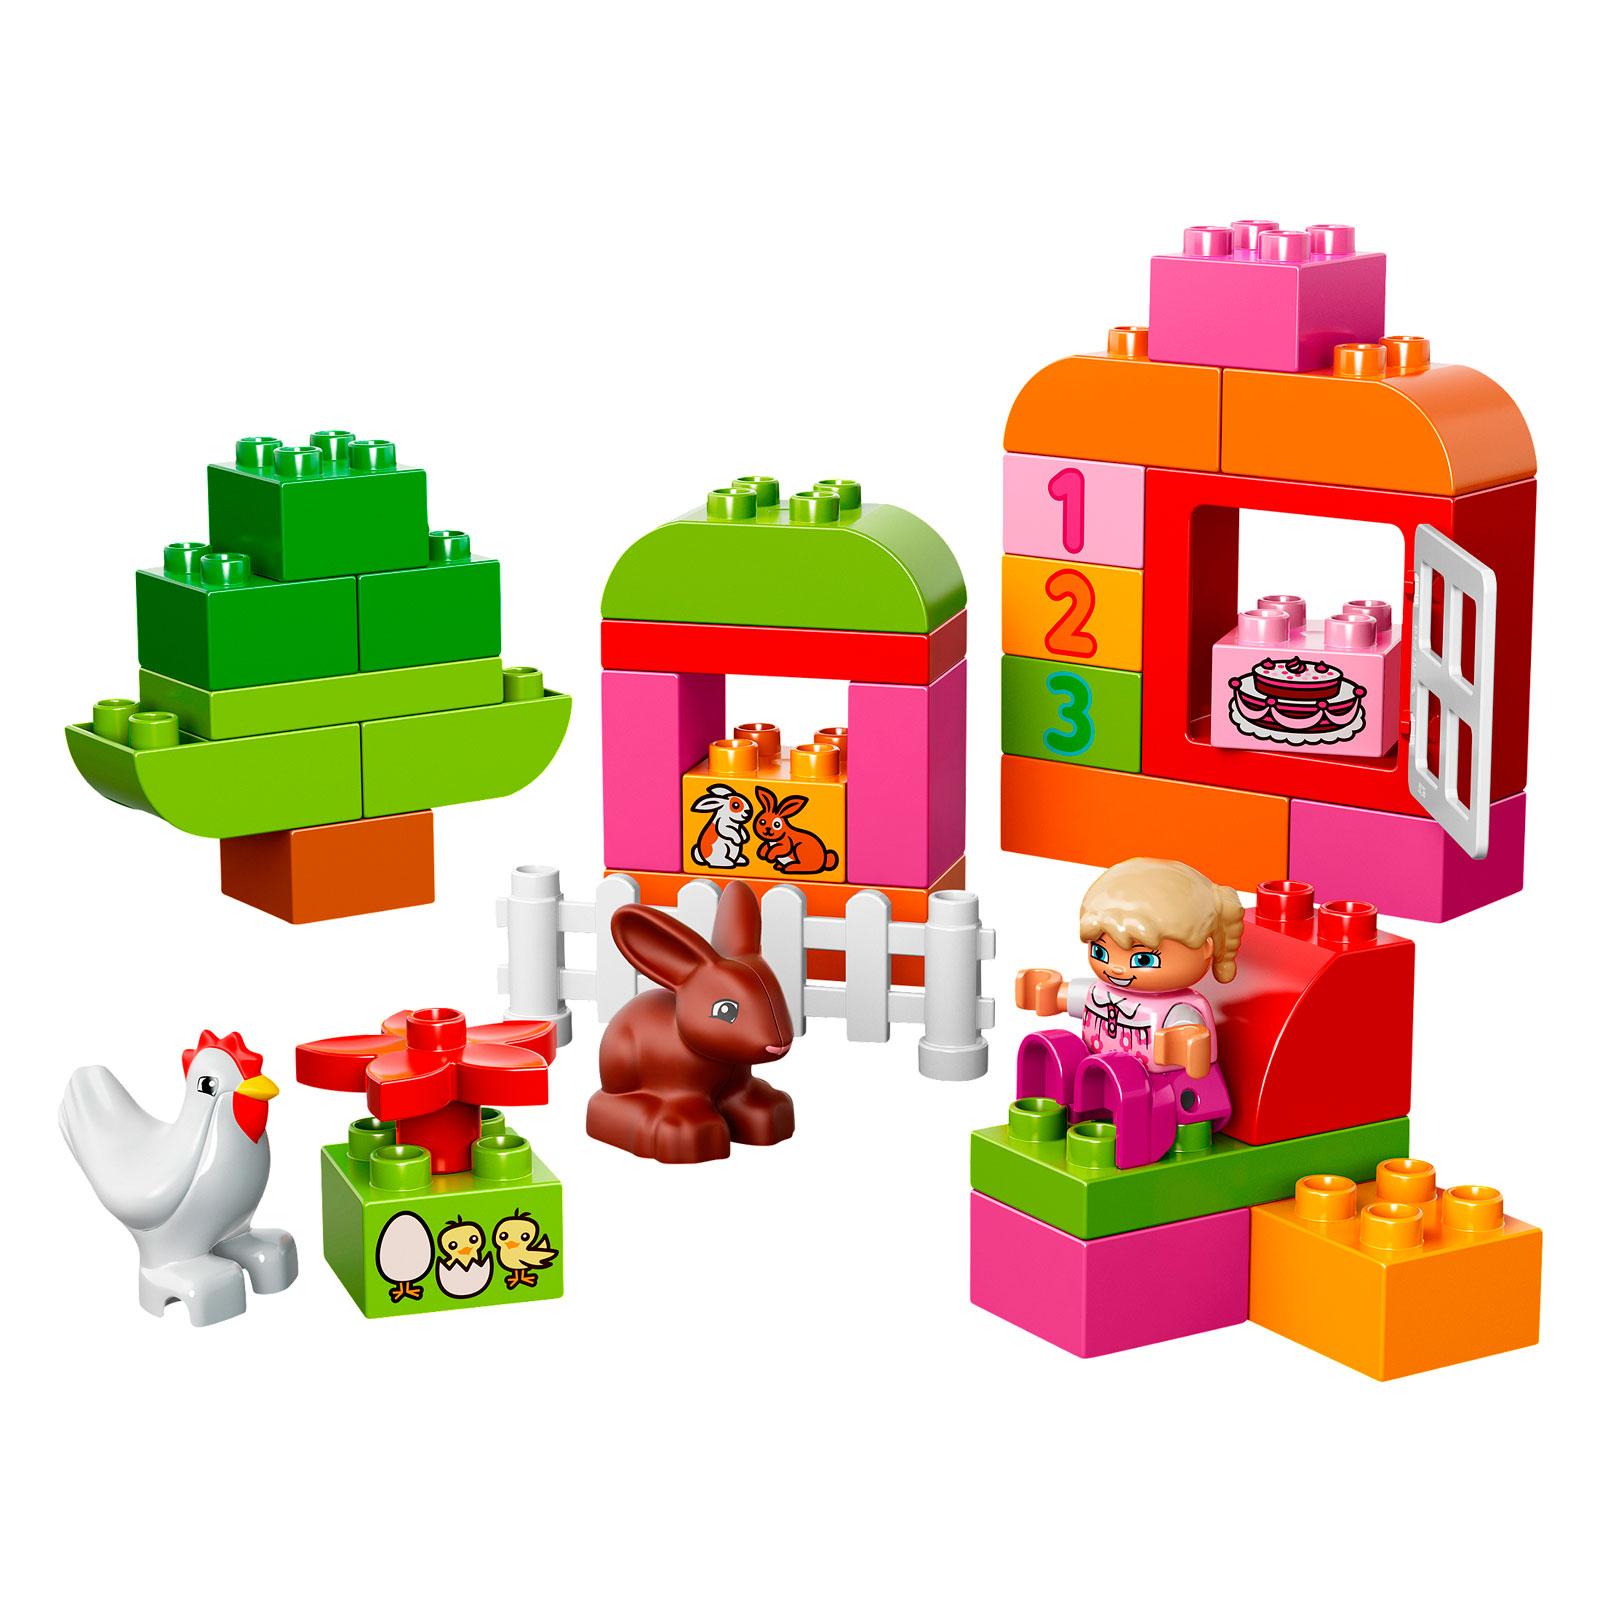 Конструктор LEGO Duplo 10571 Лучшие друзья: курочка и кролик<br>